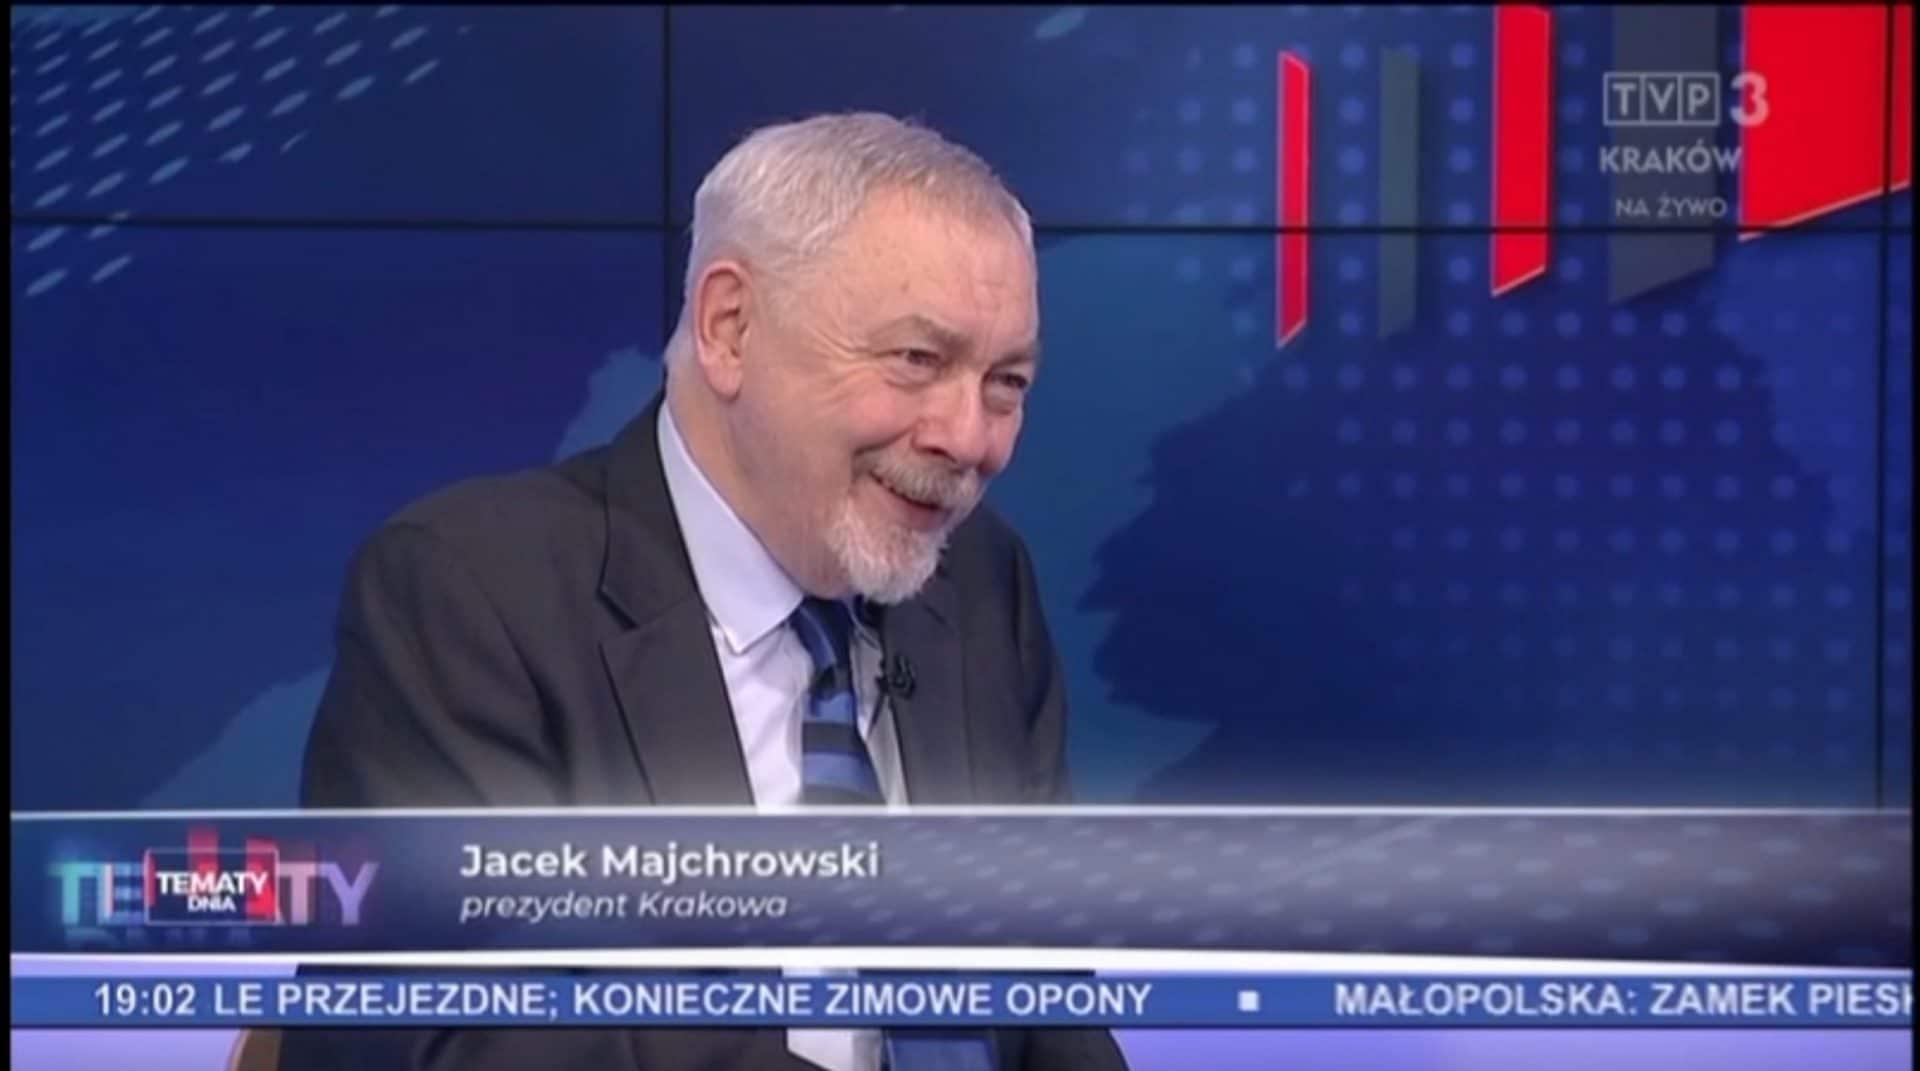 Prezydent Krakowa - w doskonałym humorze - udziela wywiadu kilka dni po pożarze miejskiego archiwum. Źródło: Kronika TVP Kraków.